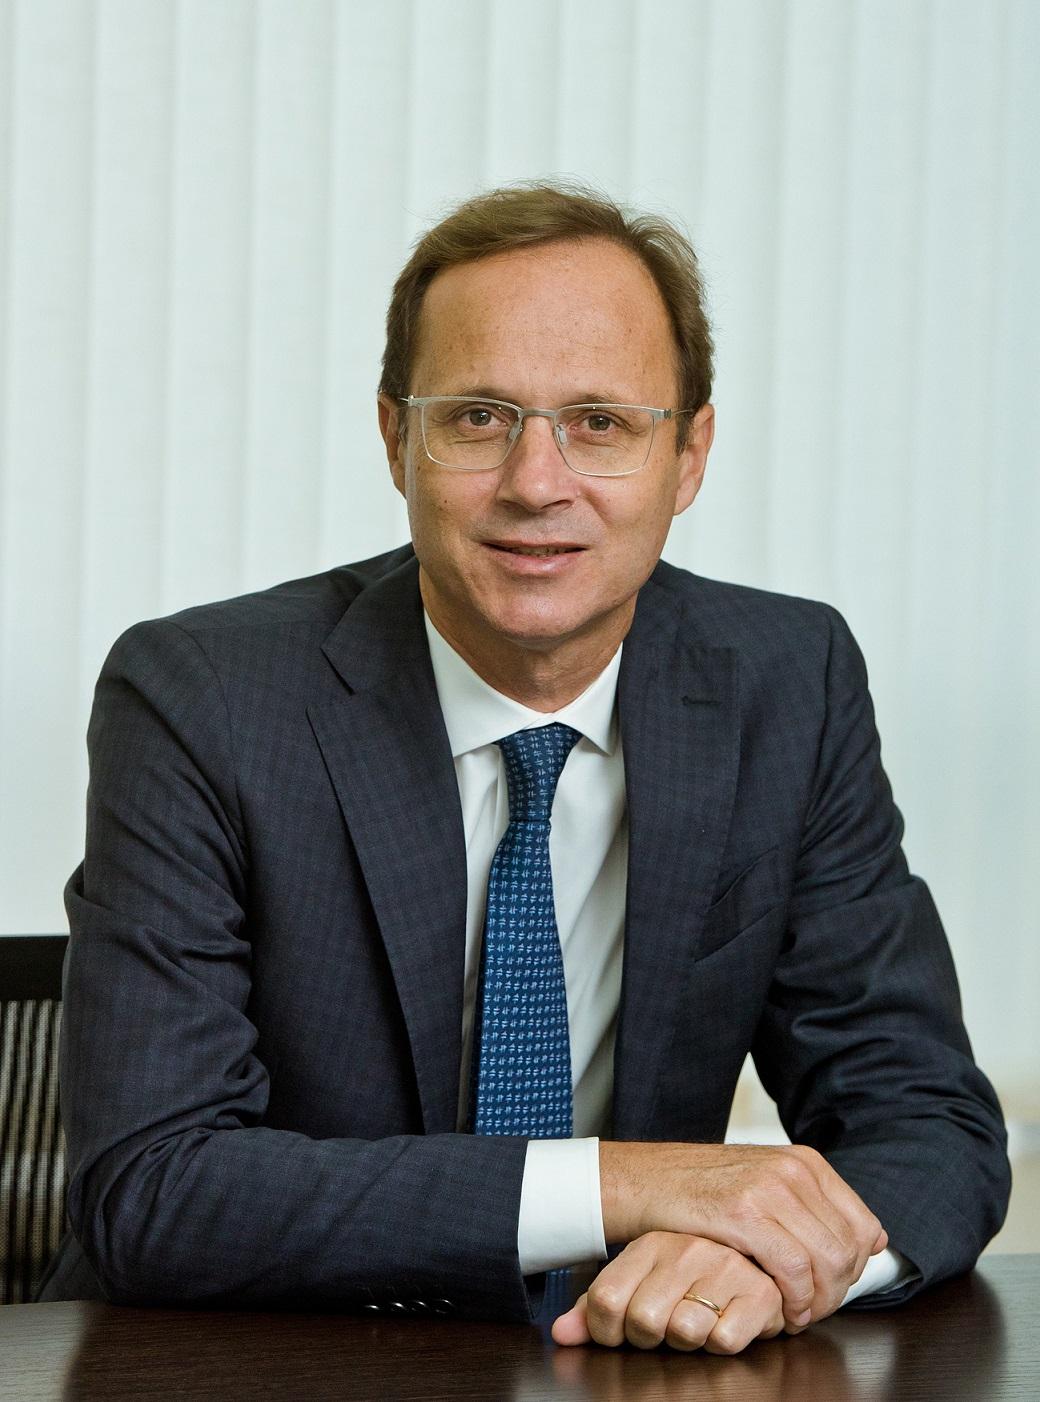 Ольвье Морне займет пост исполнительного вице-президента по продажам и маркетингу АО «АВТОВАЗ»